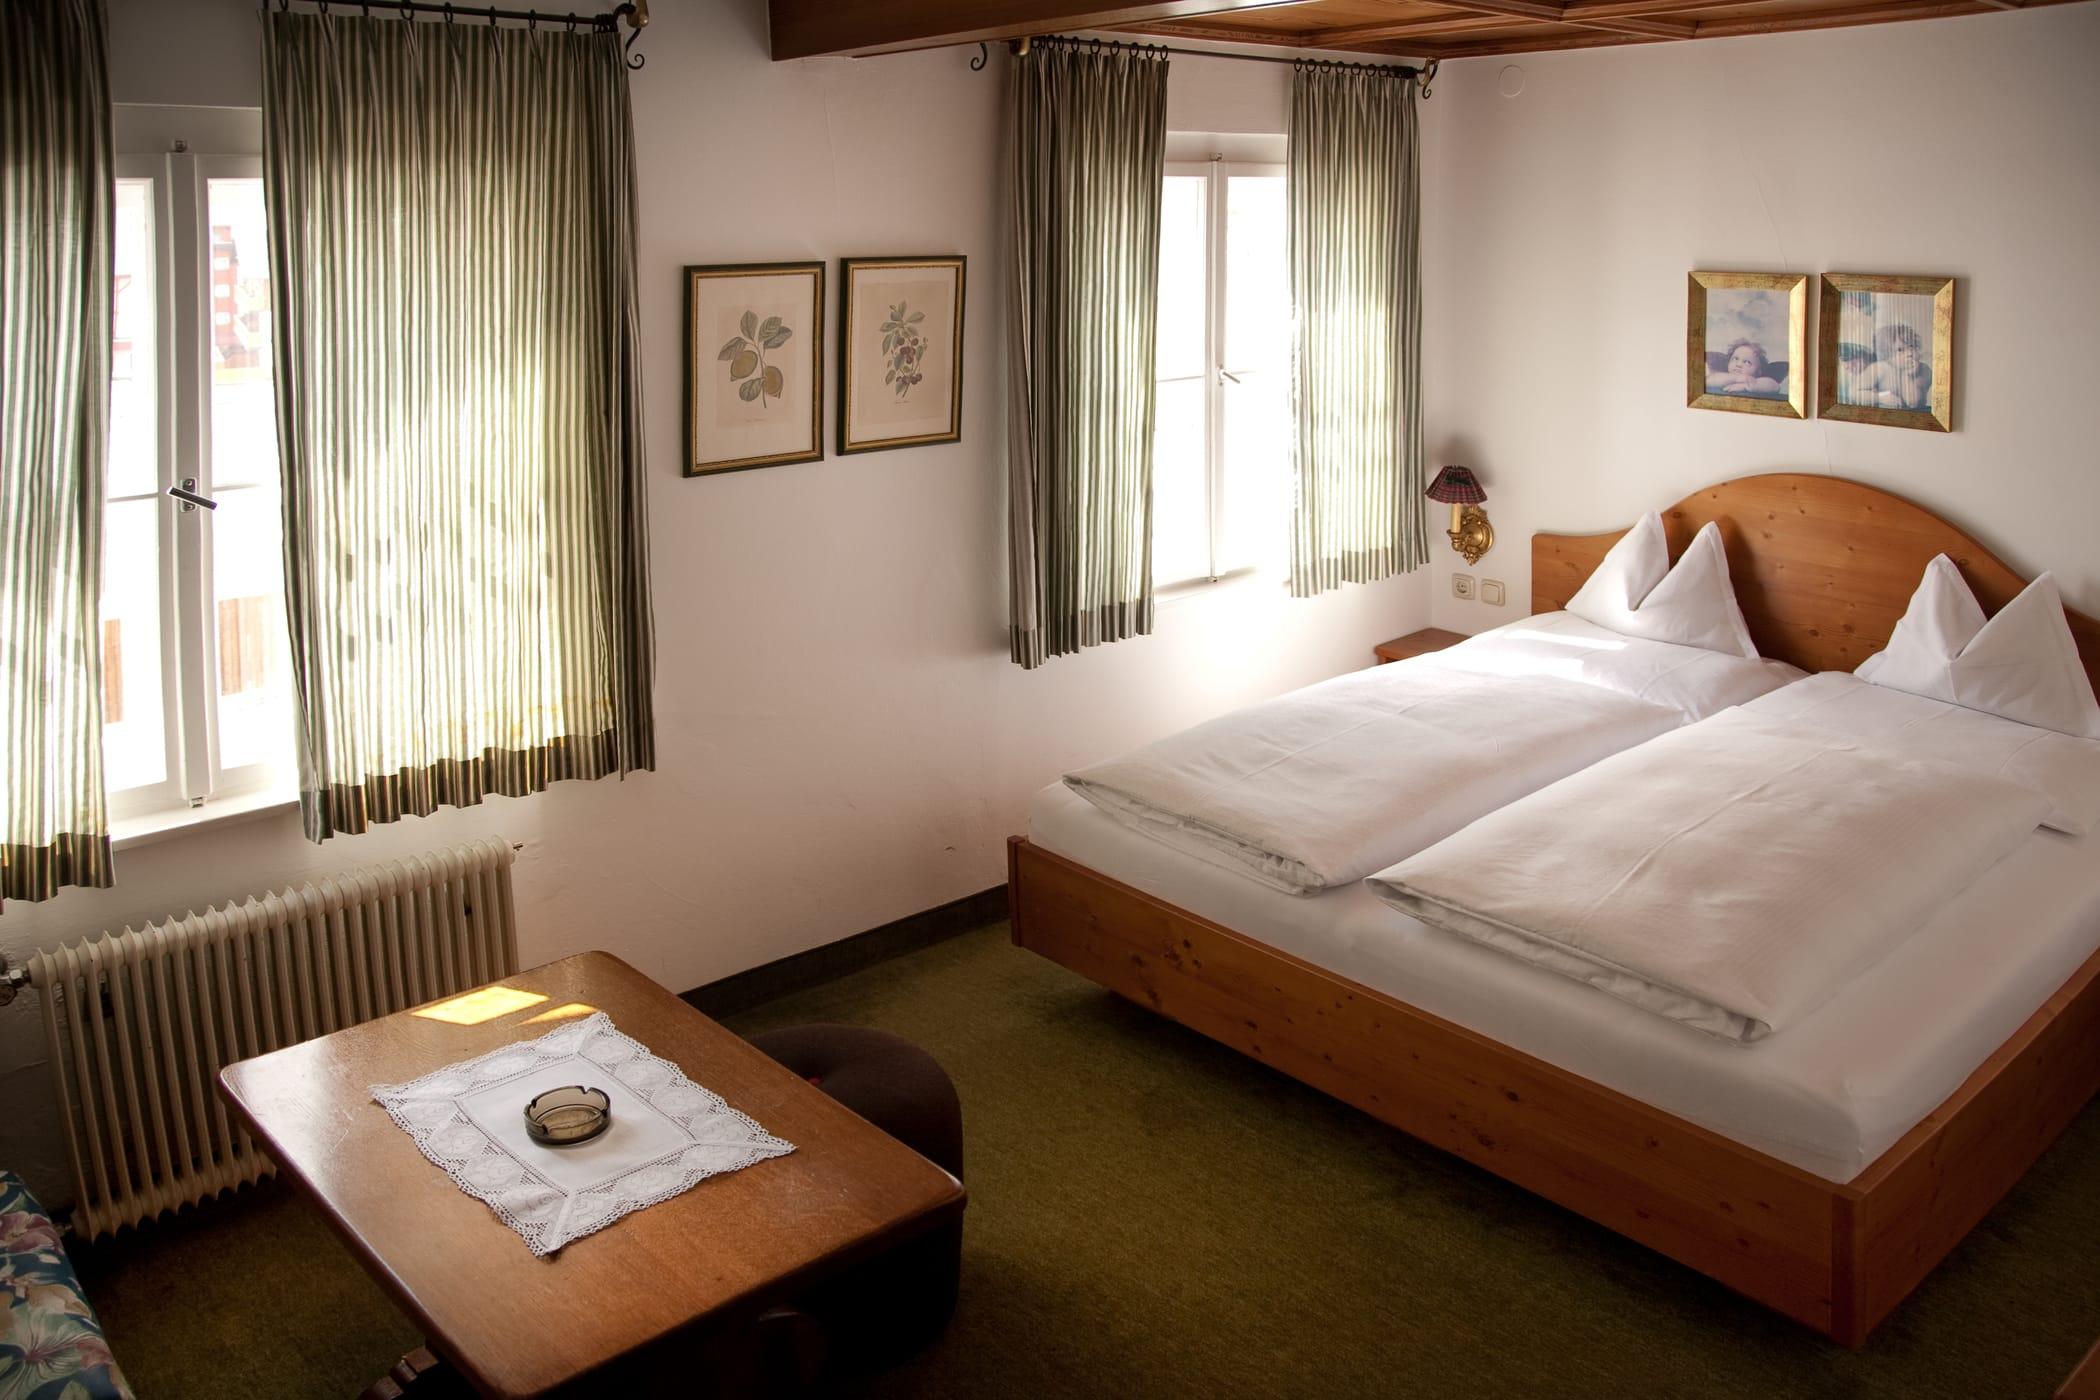 einfache-zimmer-flexen-1-hotel-flexen-zuers-am-arlberg